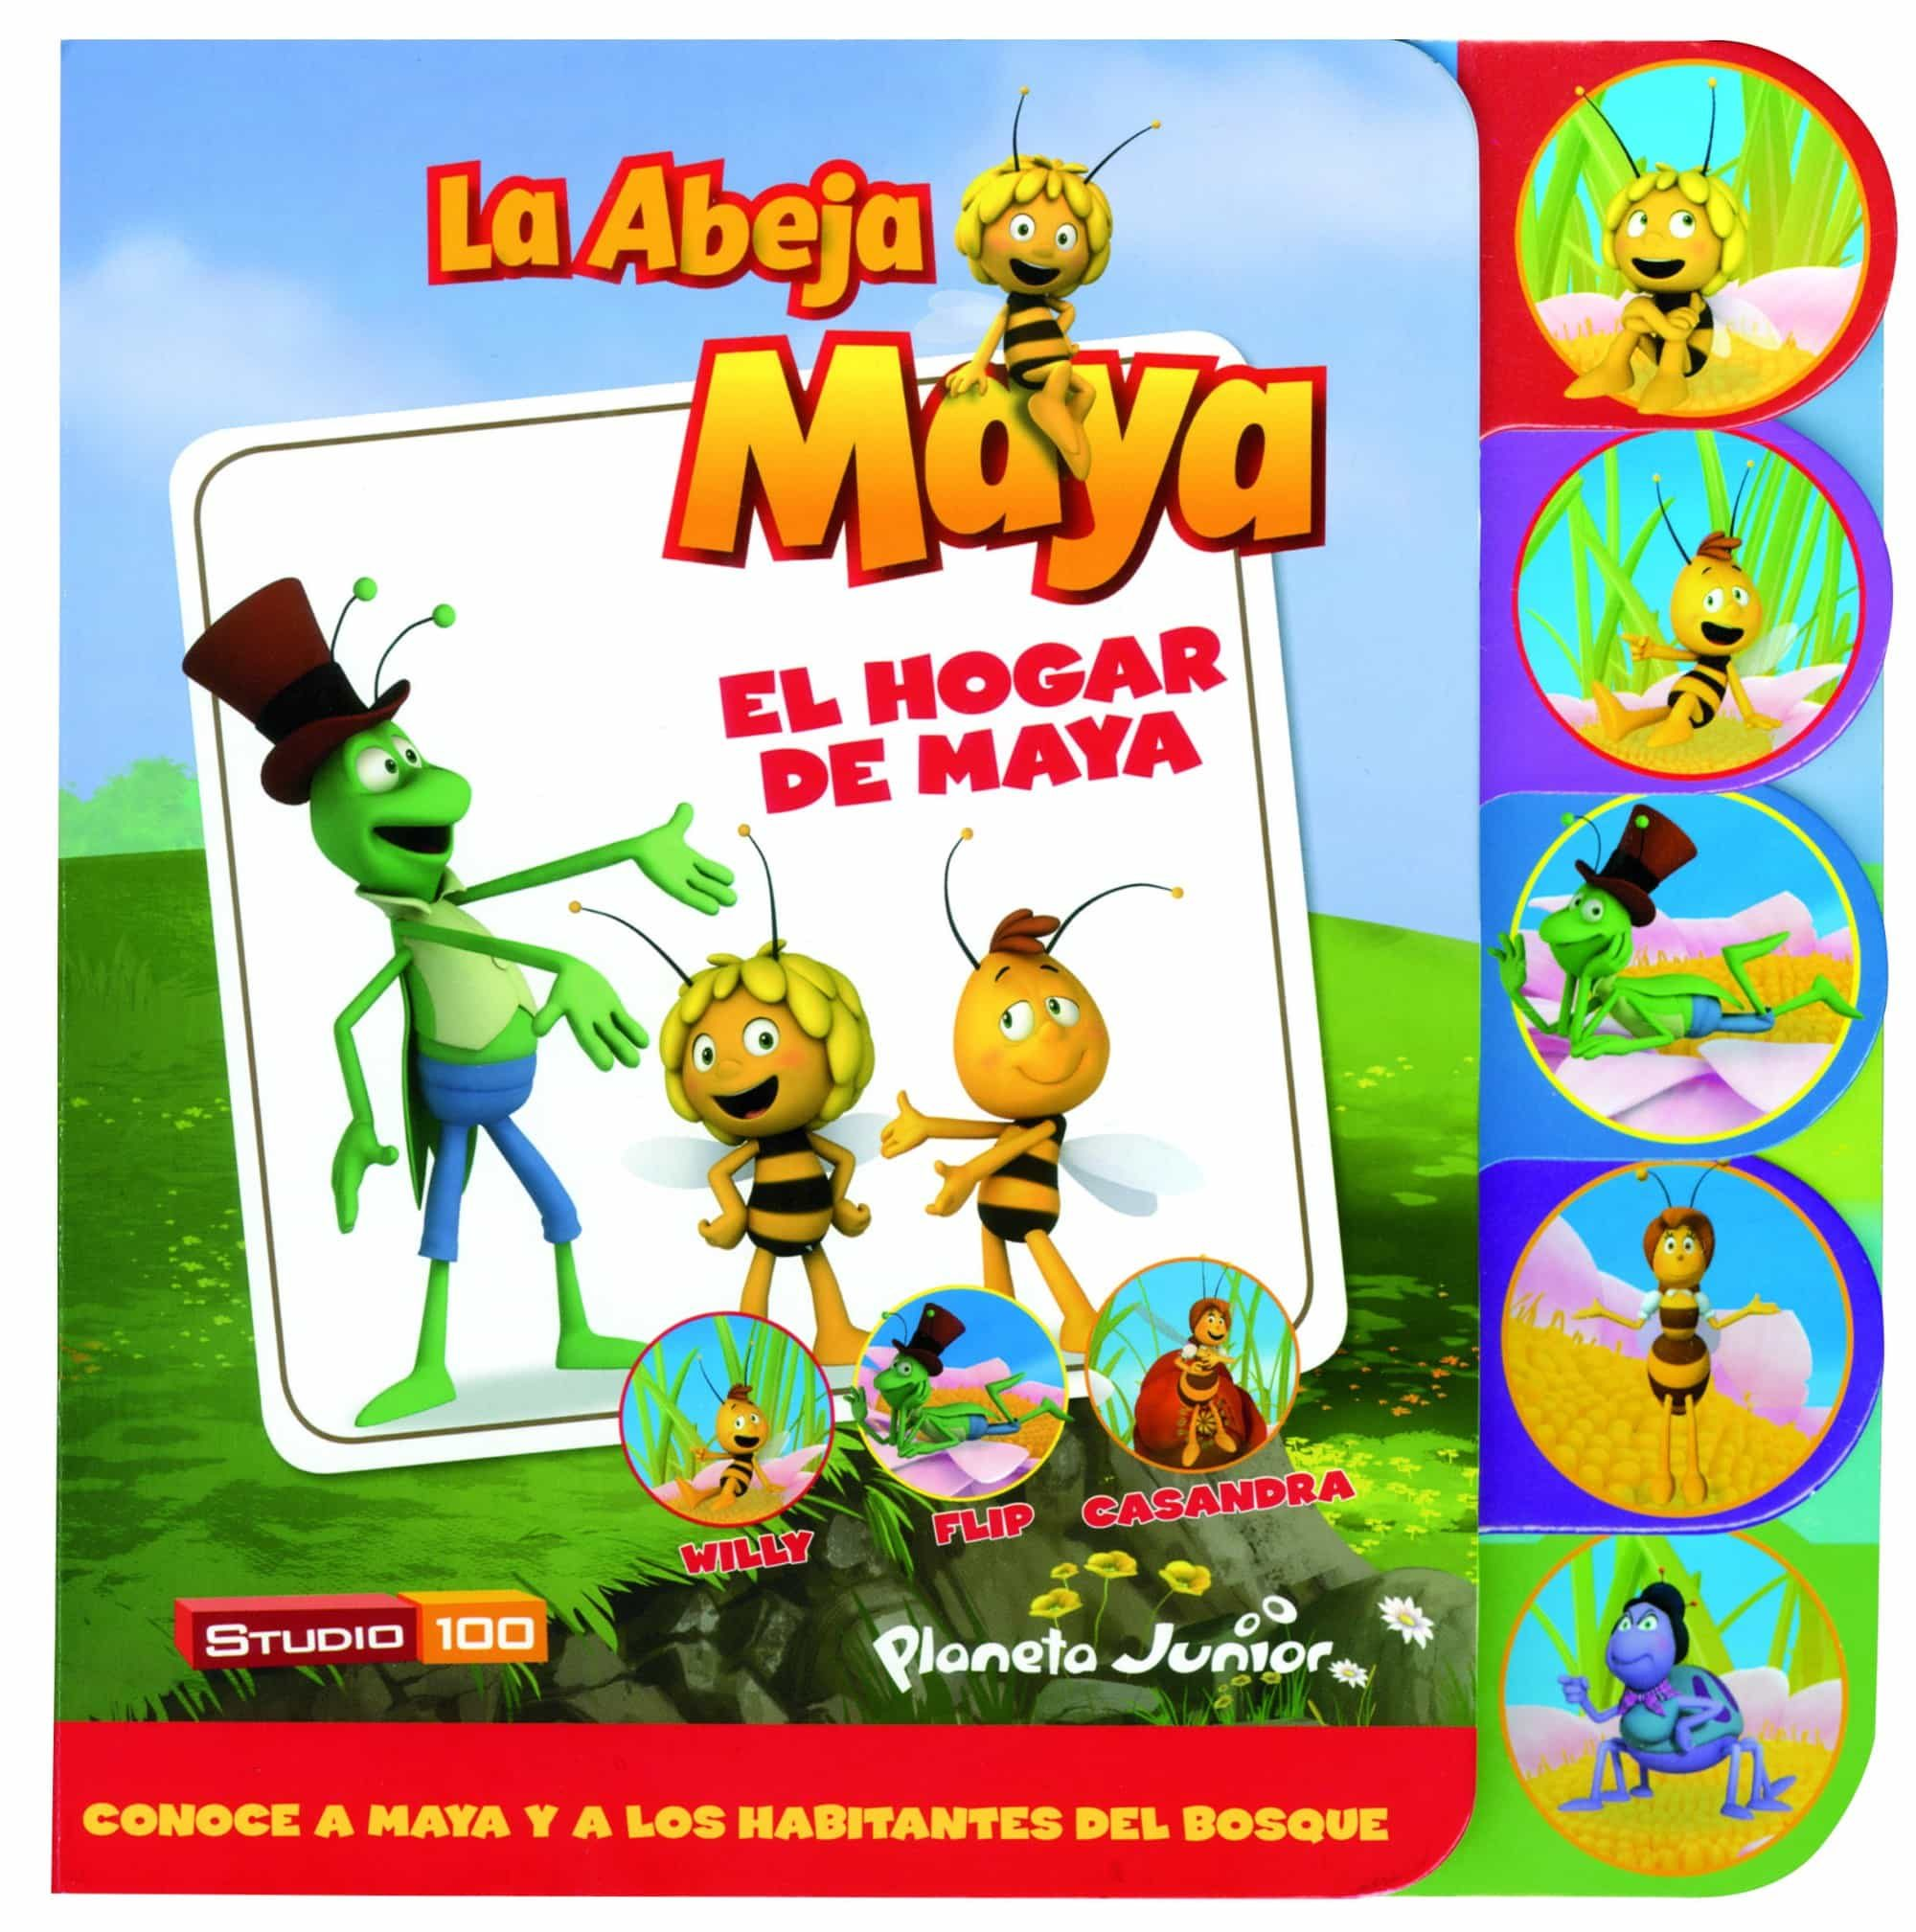 La Abeja Maya: Cuento Con Lengüetas: El Hogar De Maya por Vv.aa.